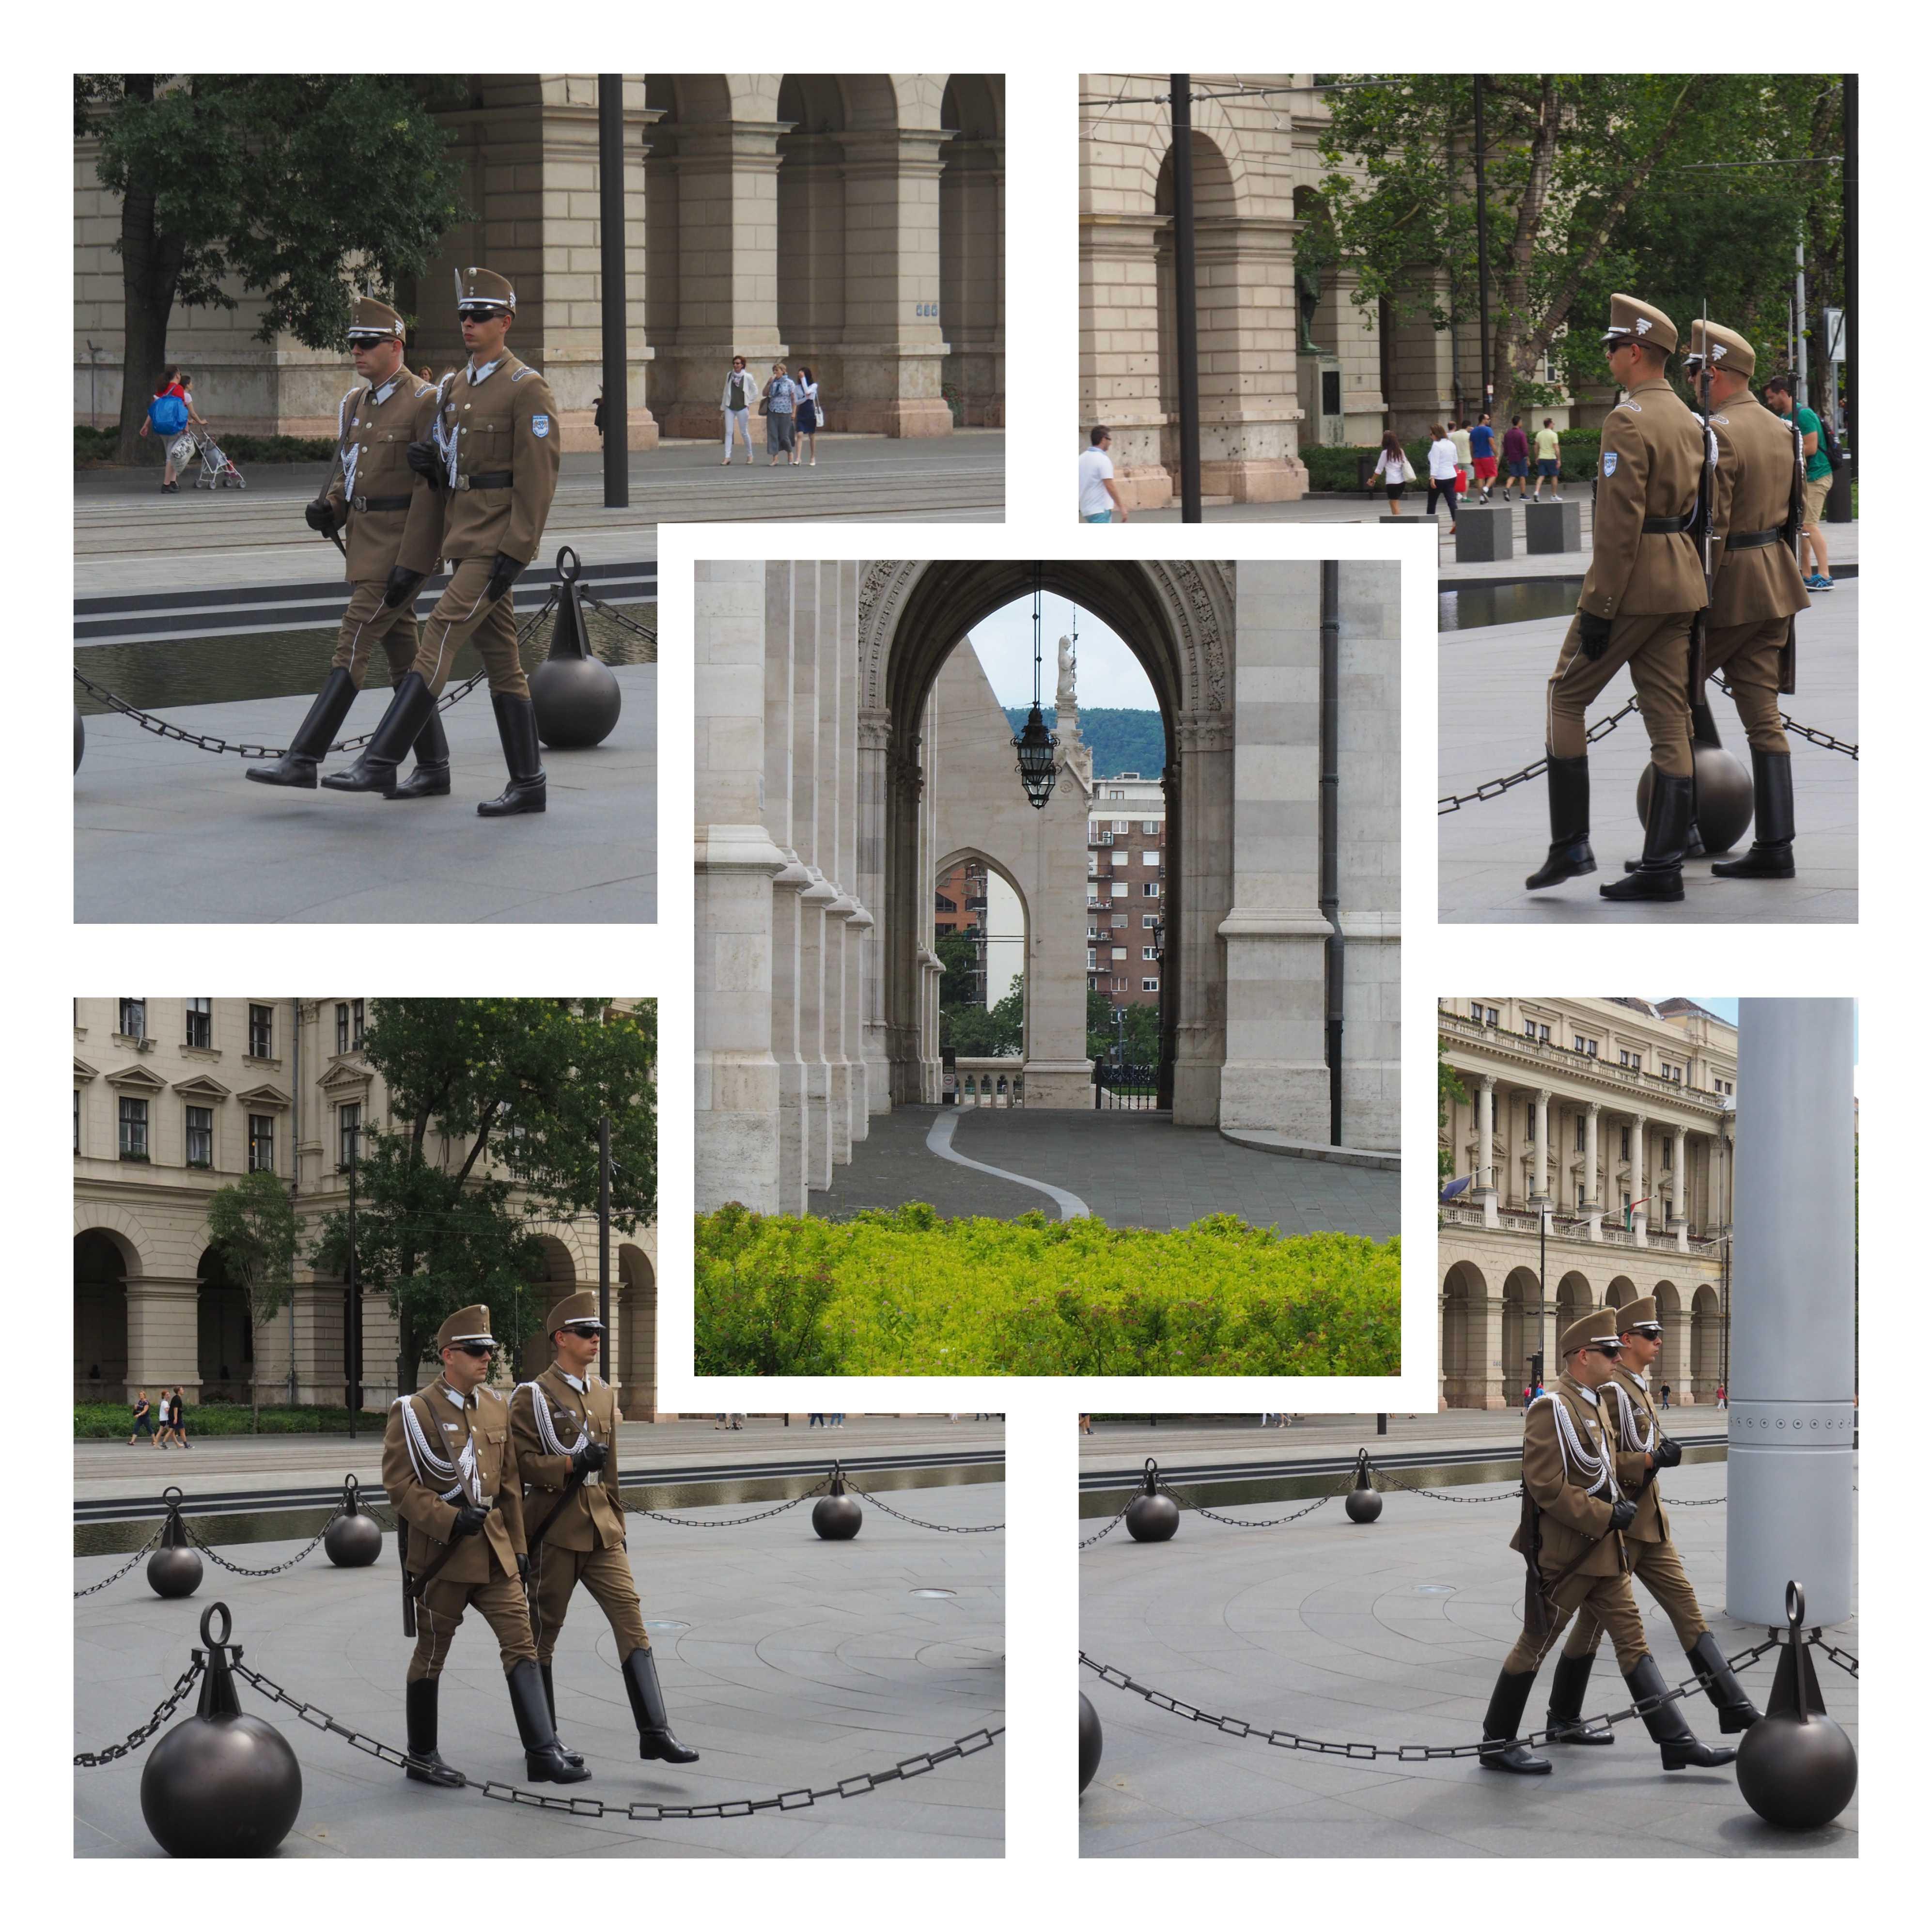 Visite de Budapest en famille, itinéraire sur 5 jours -La garde devant le Parlement